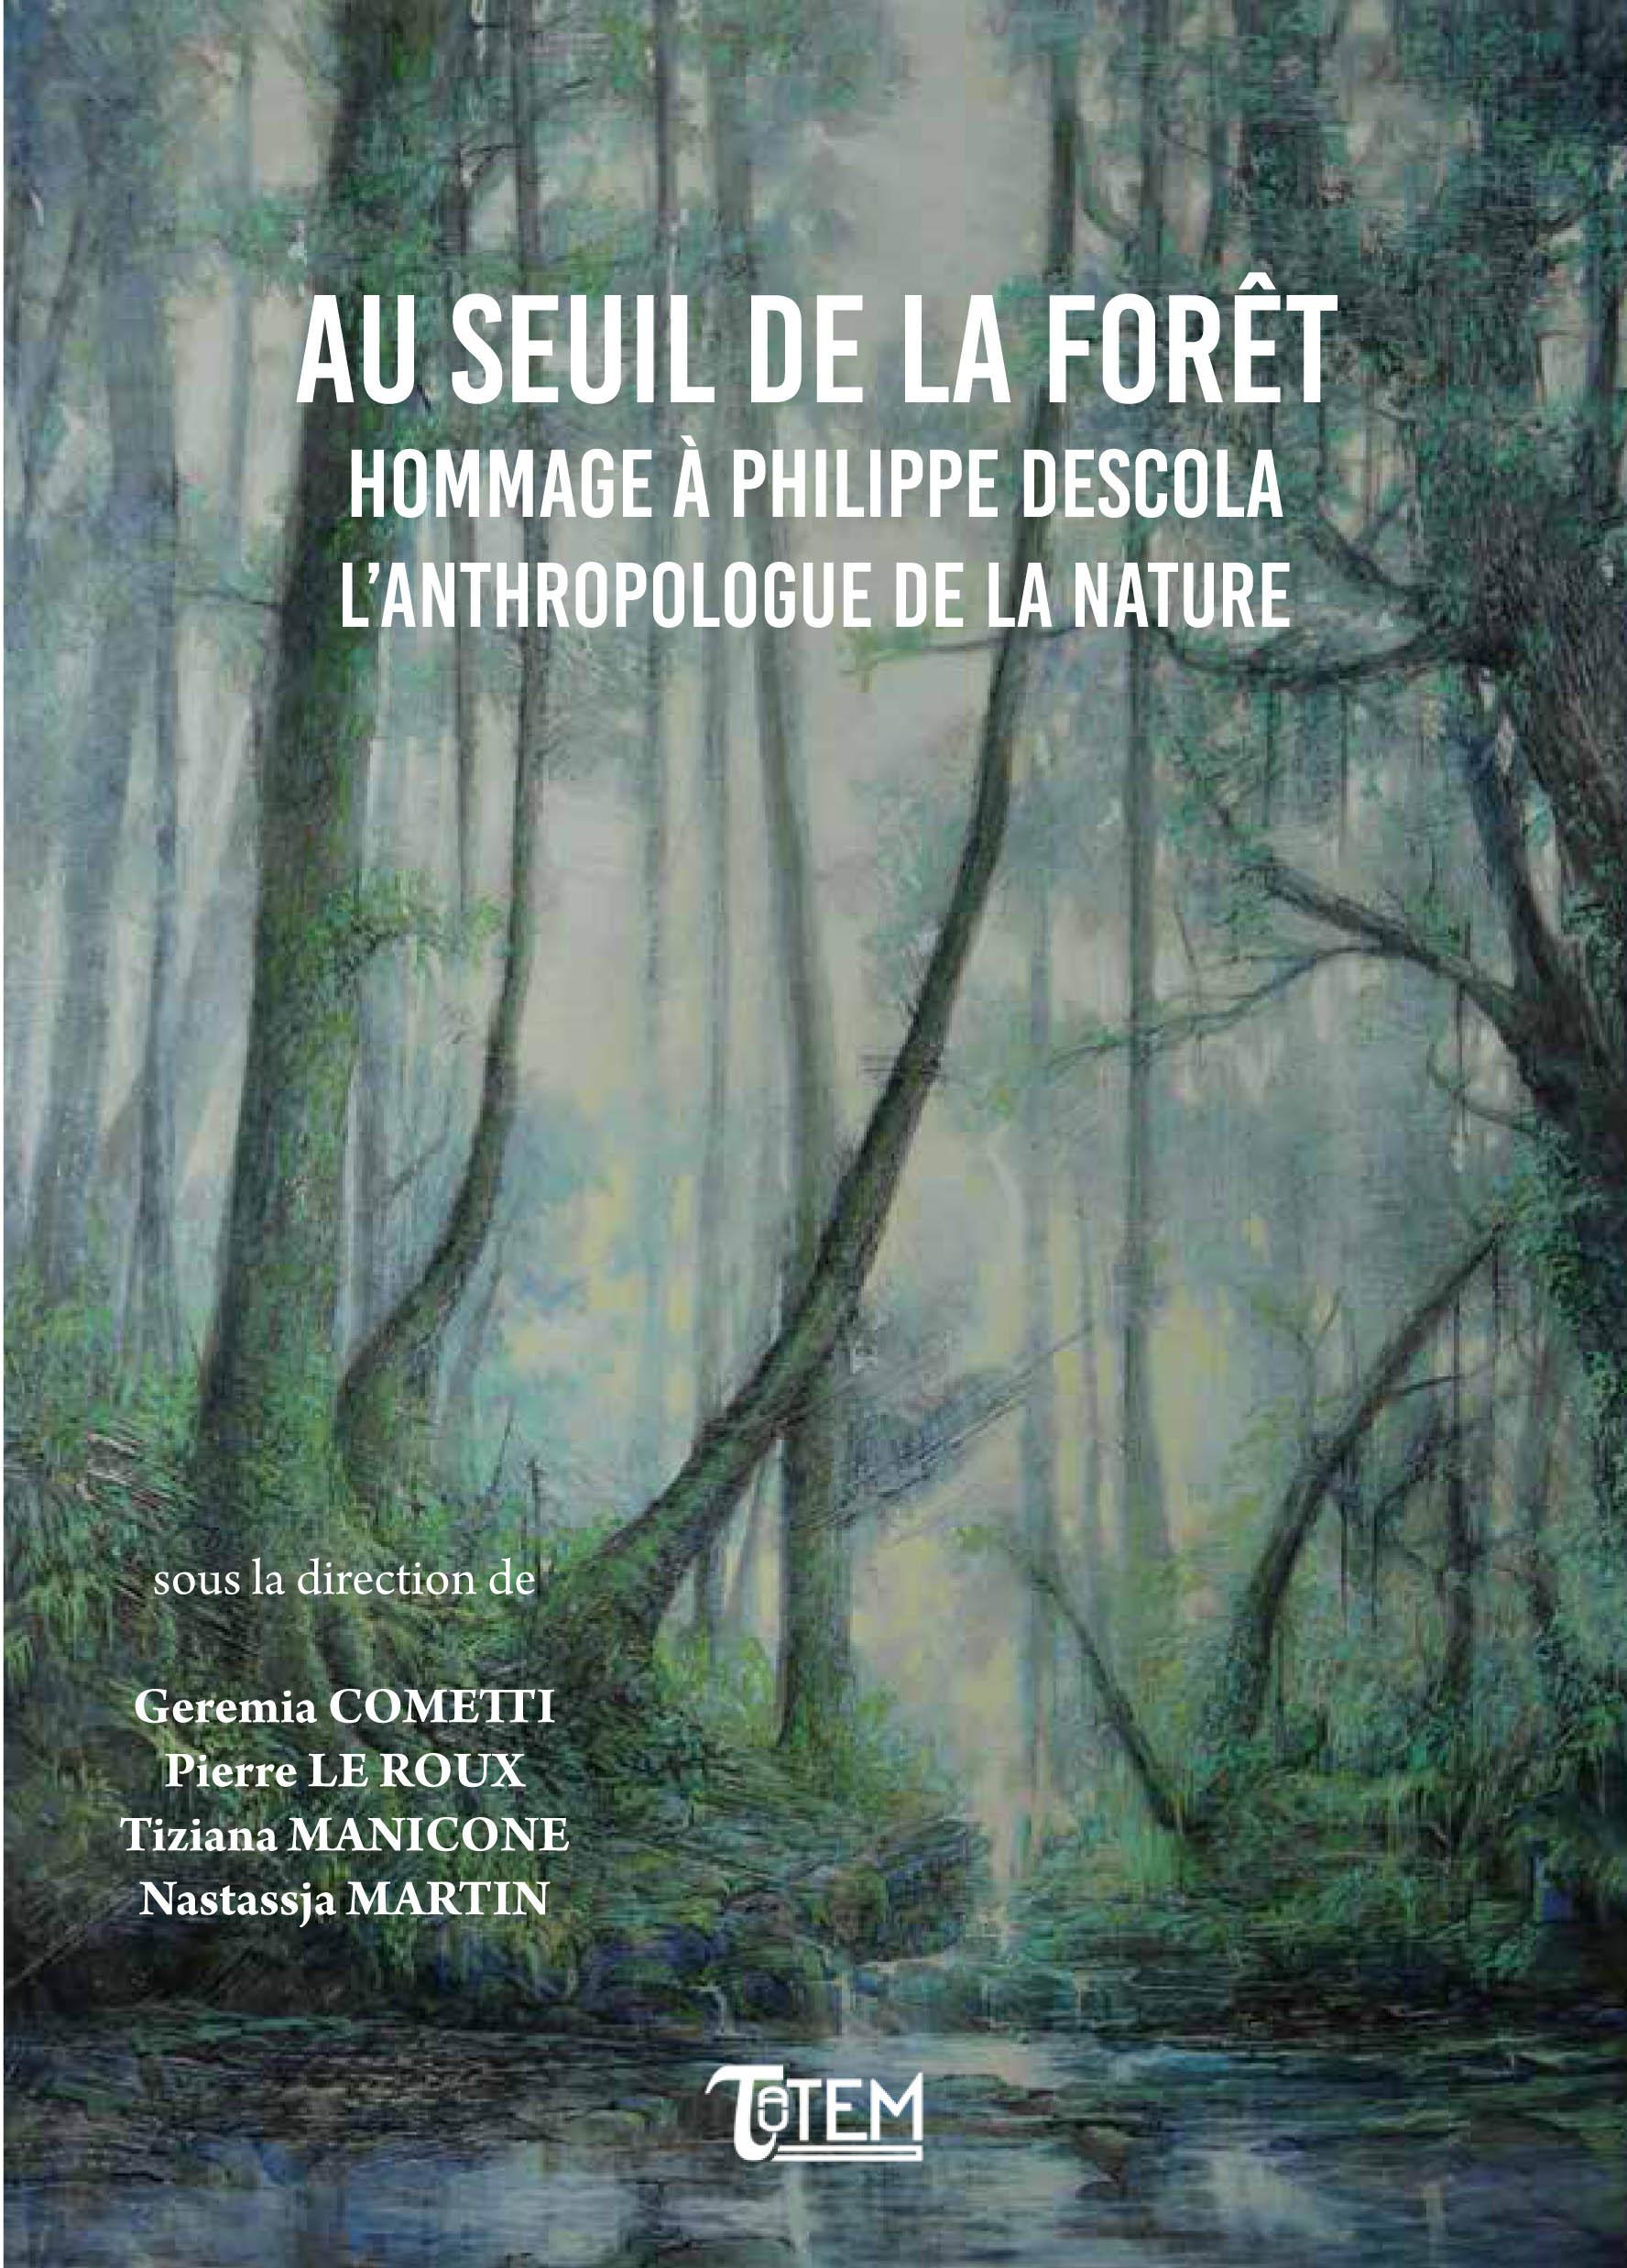 <b>Au seuil de la forêt</b>